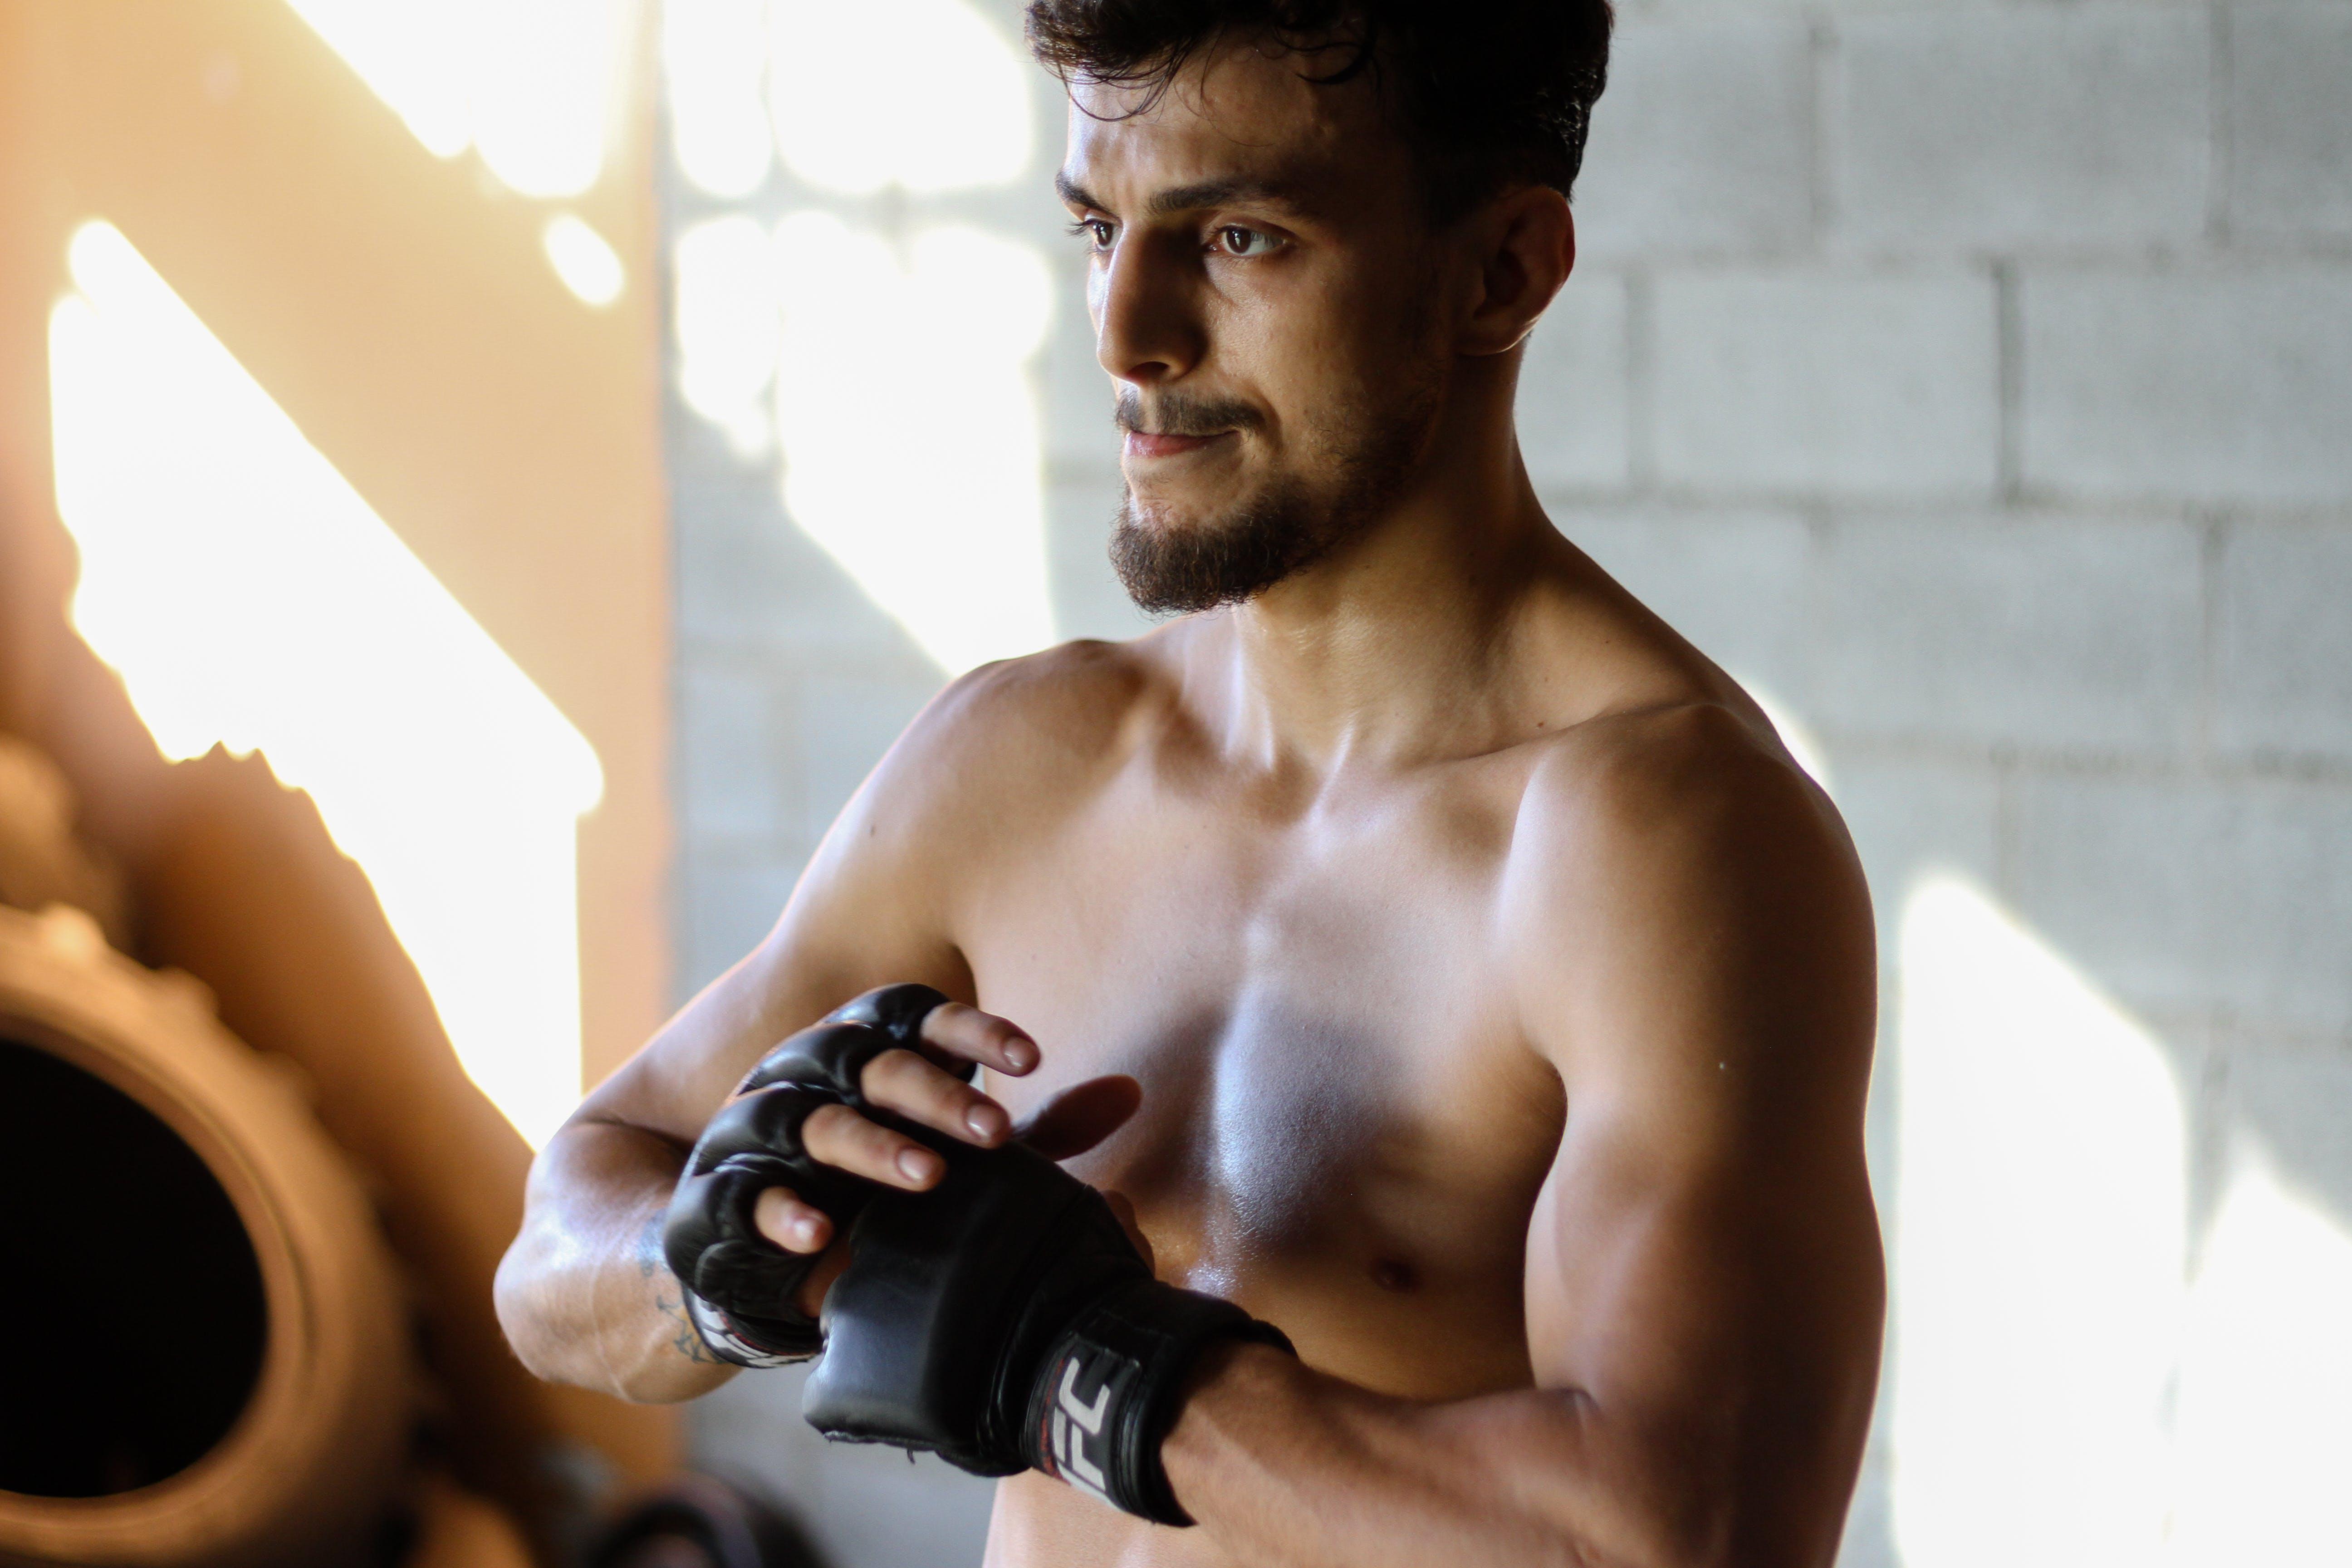 Δωρεάν στοκ φωτογραφιών με bodybuilder, bodybuilding, αγωνιστής, άθλημα